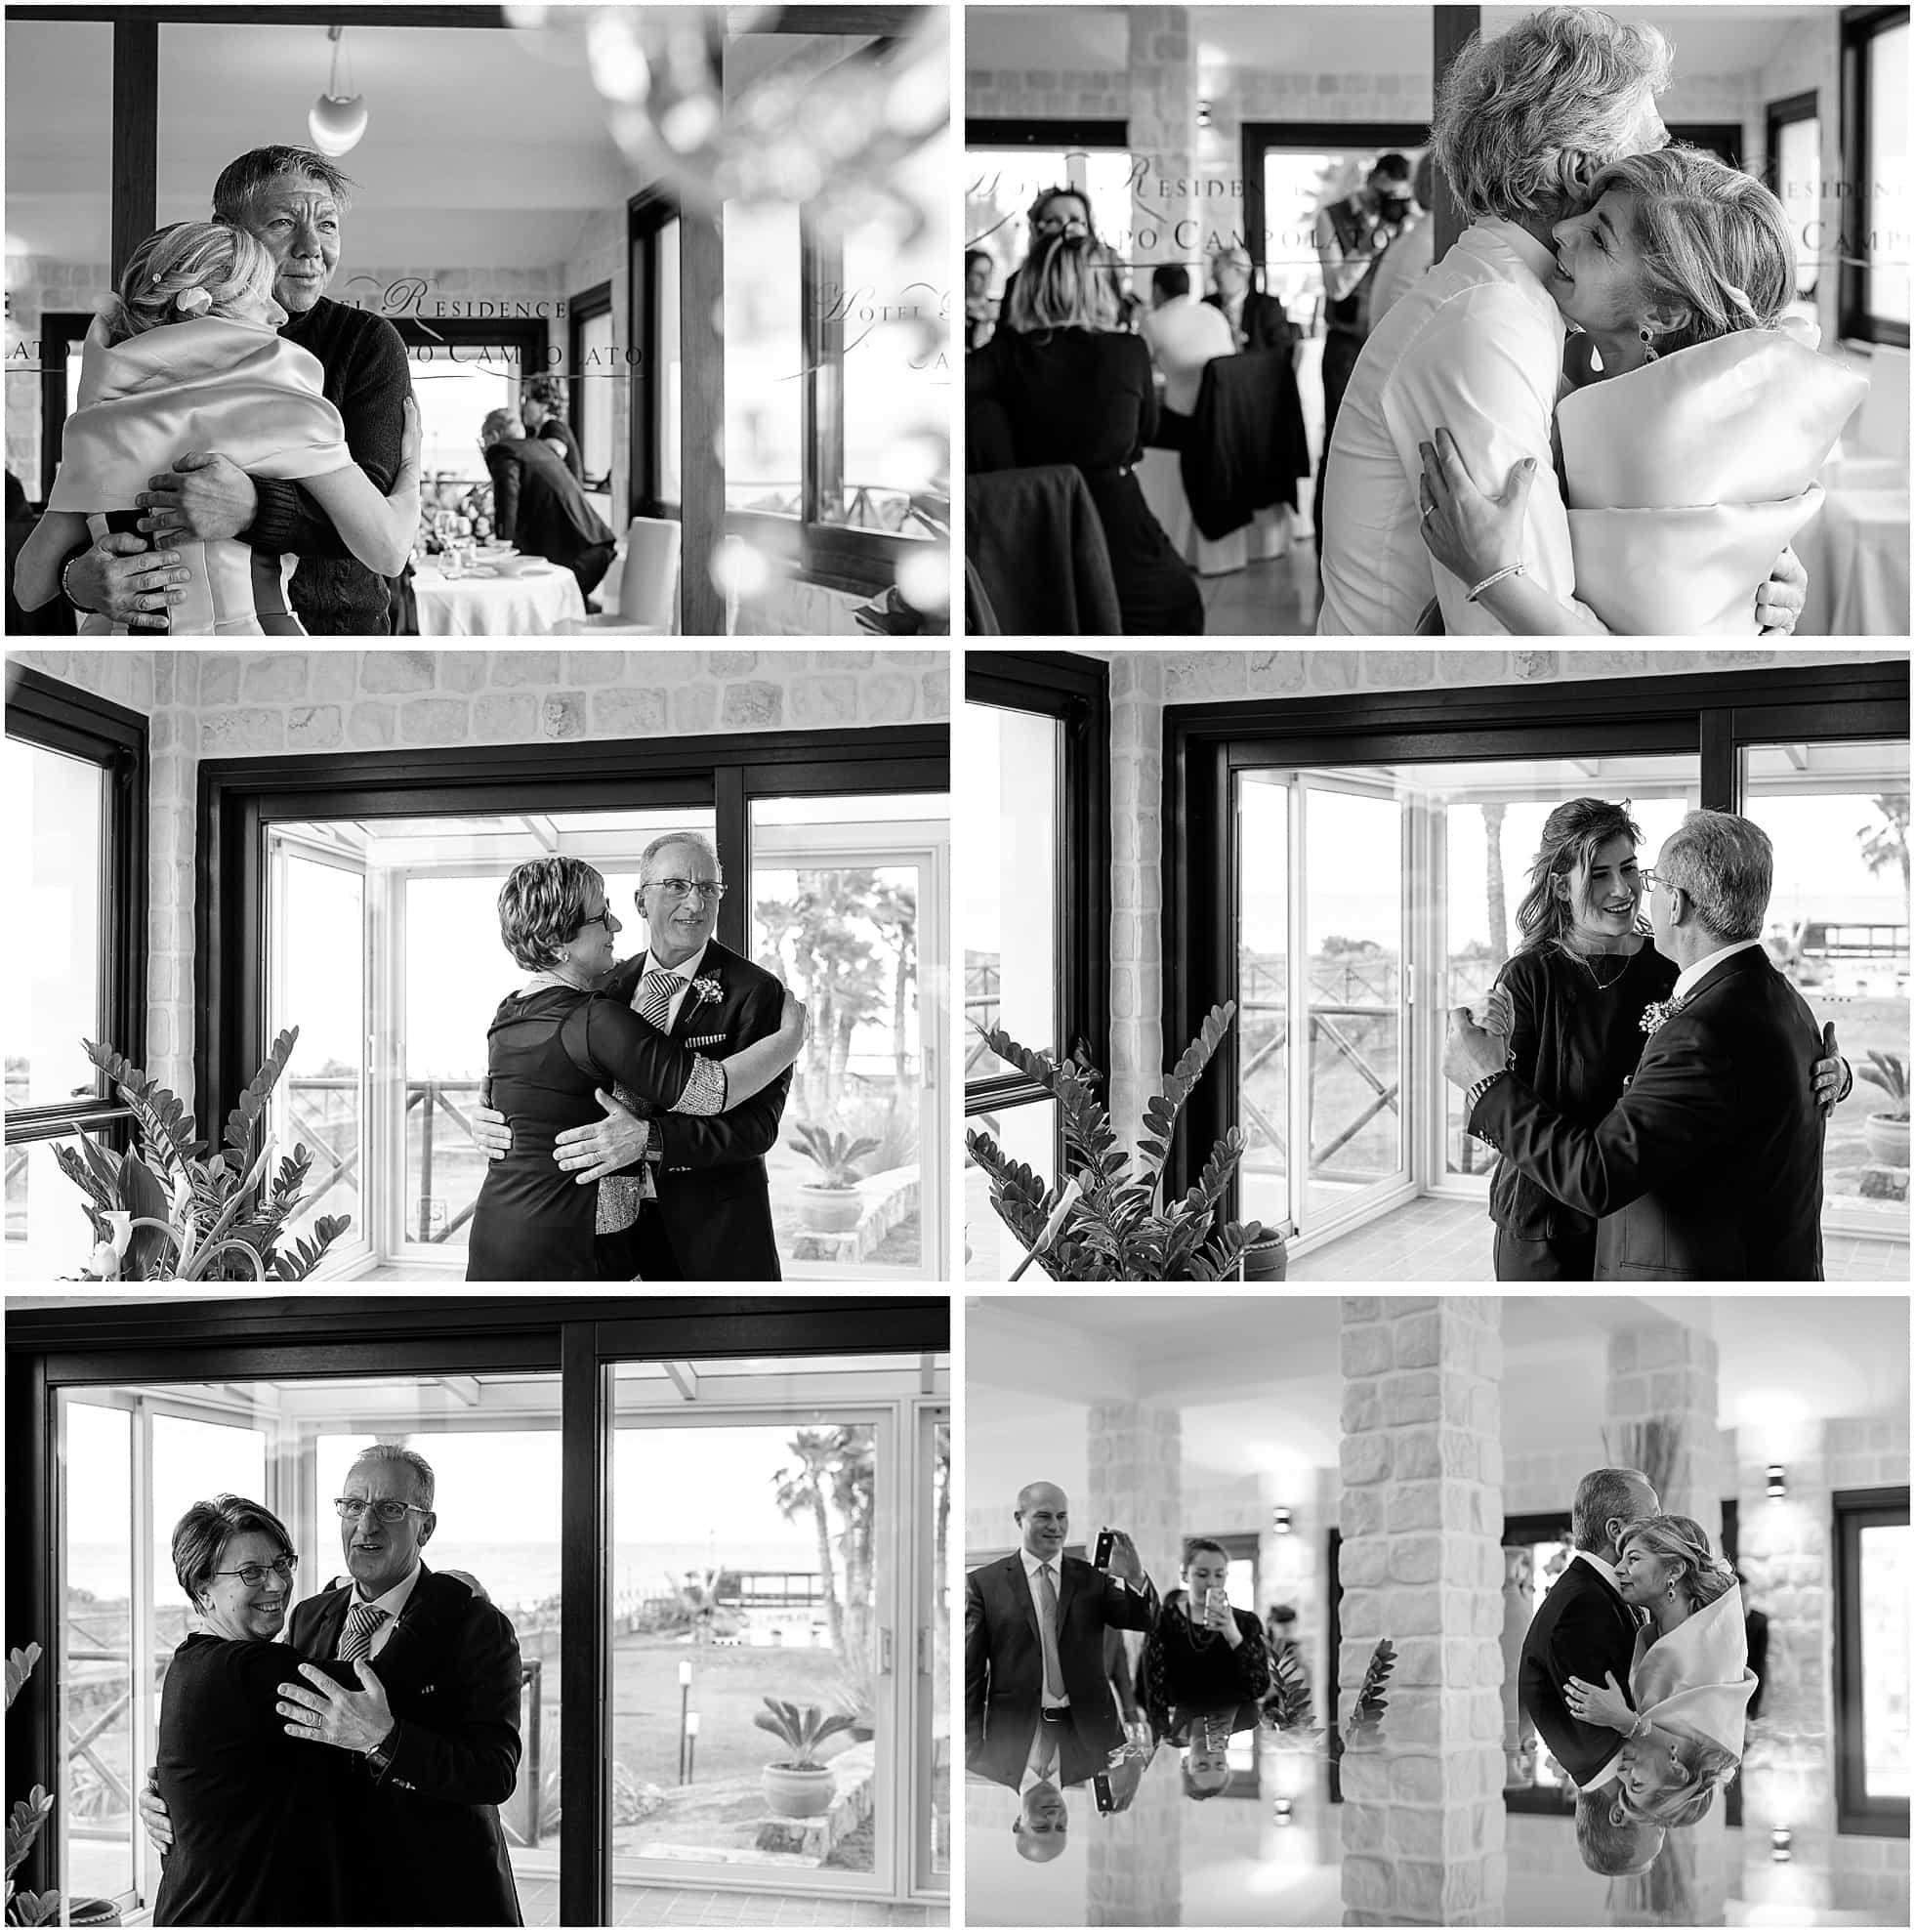 fotografo Matrimonio augusta